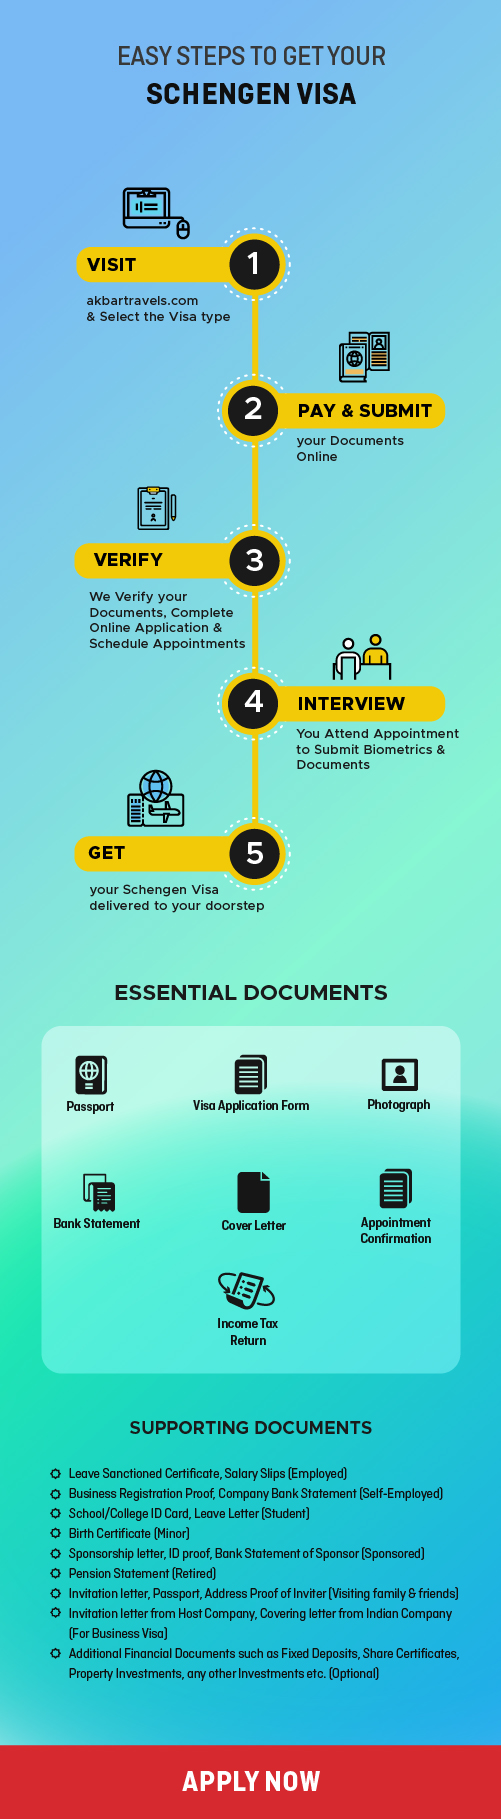 Steps to get Schengen Visa